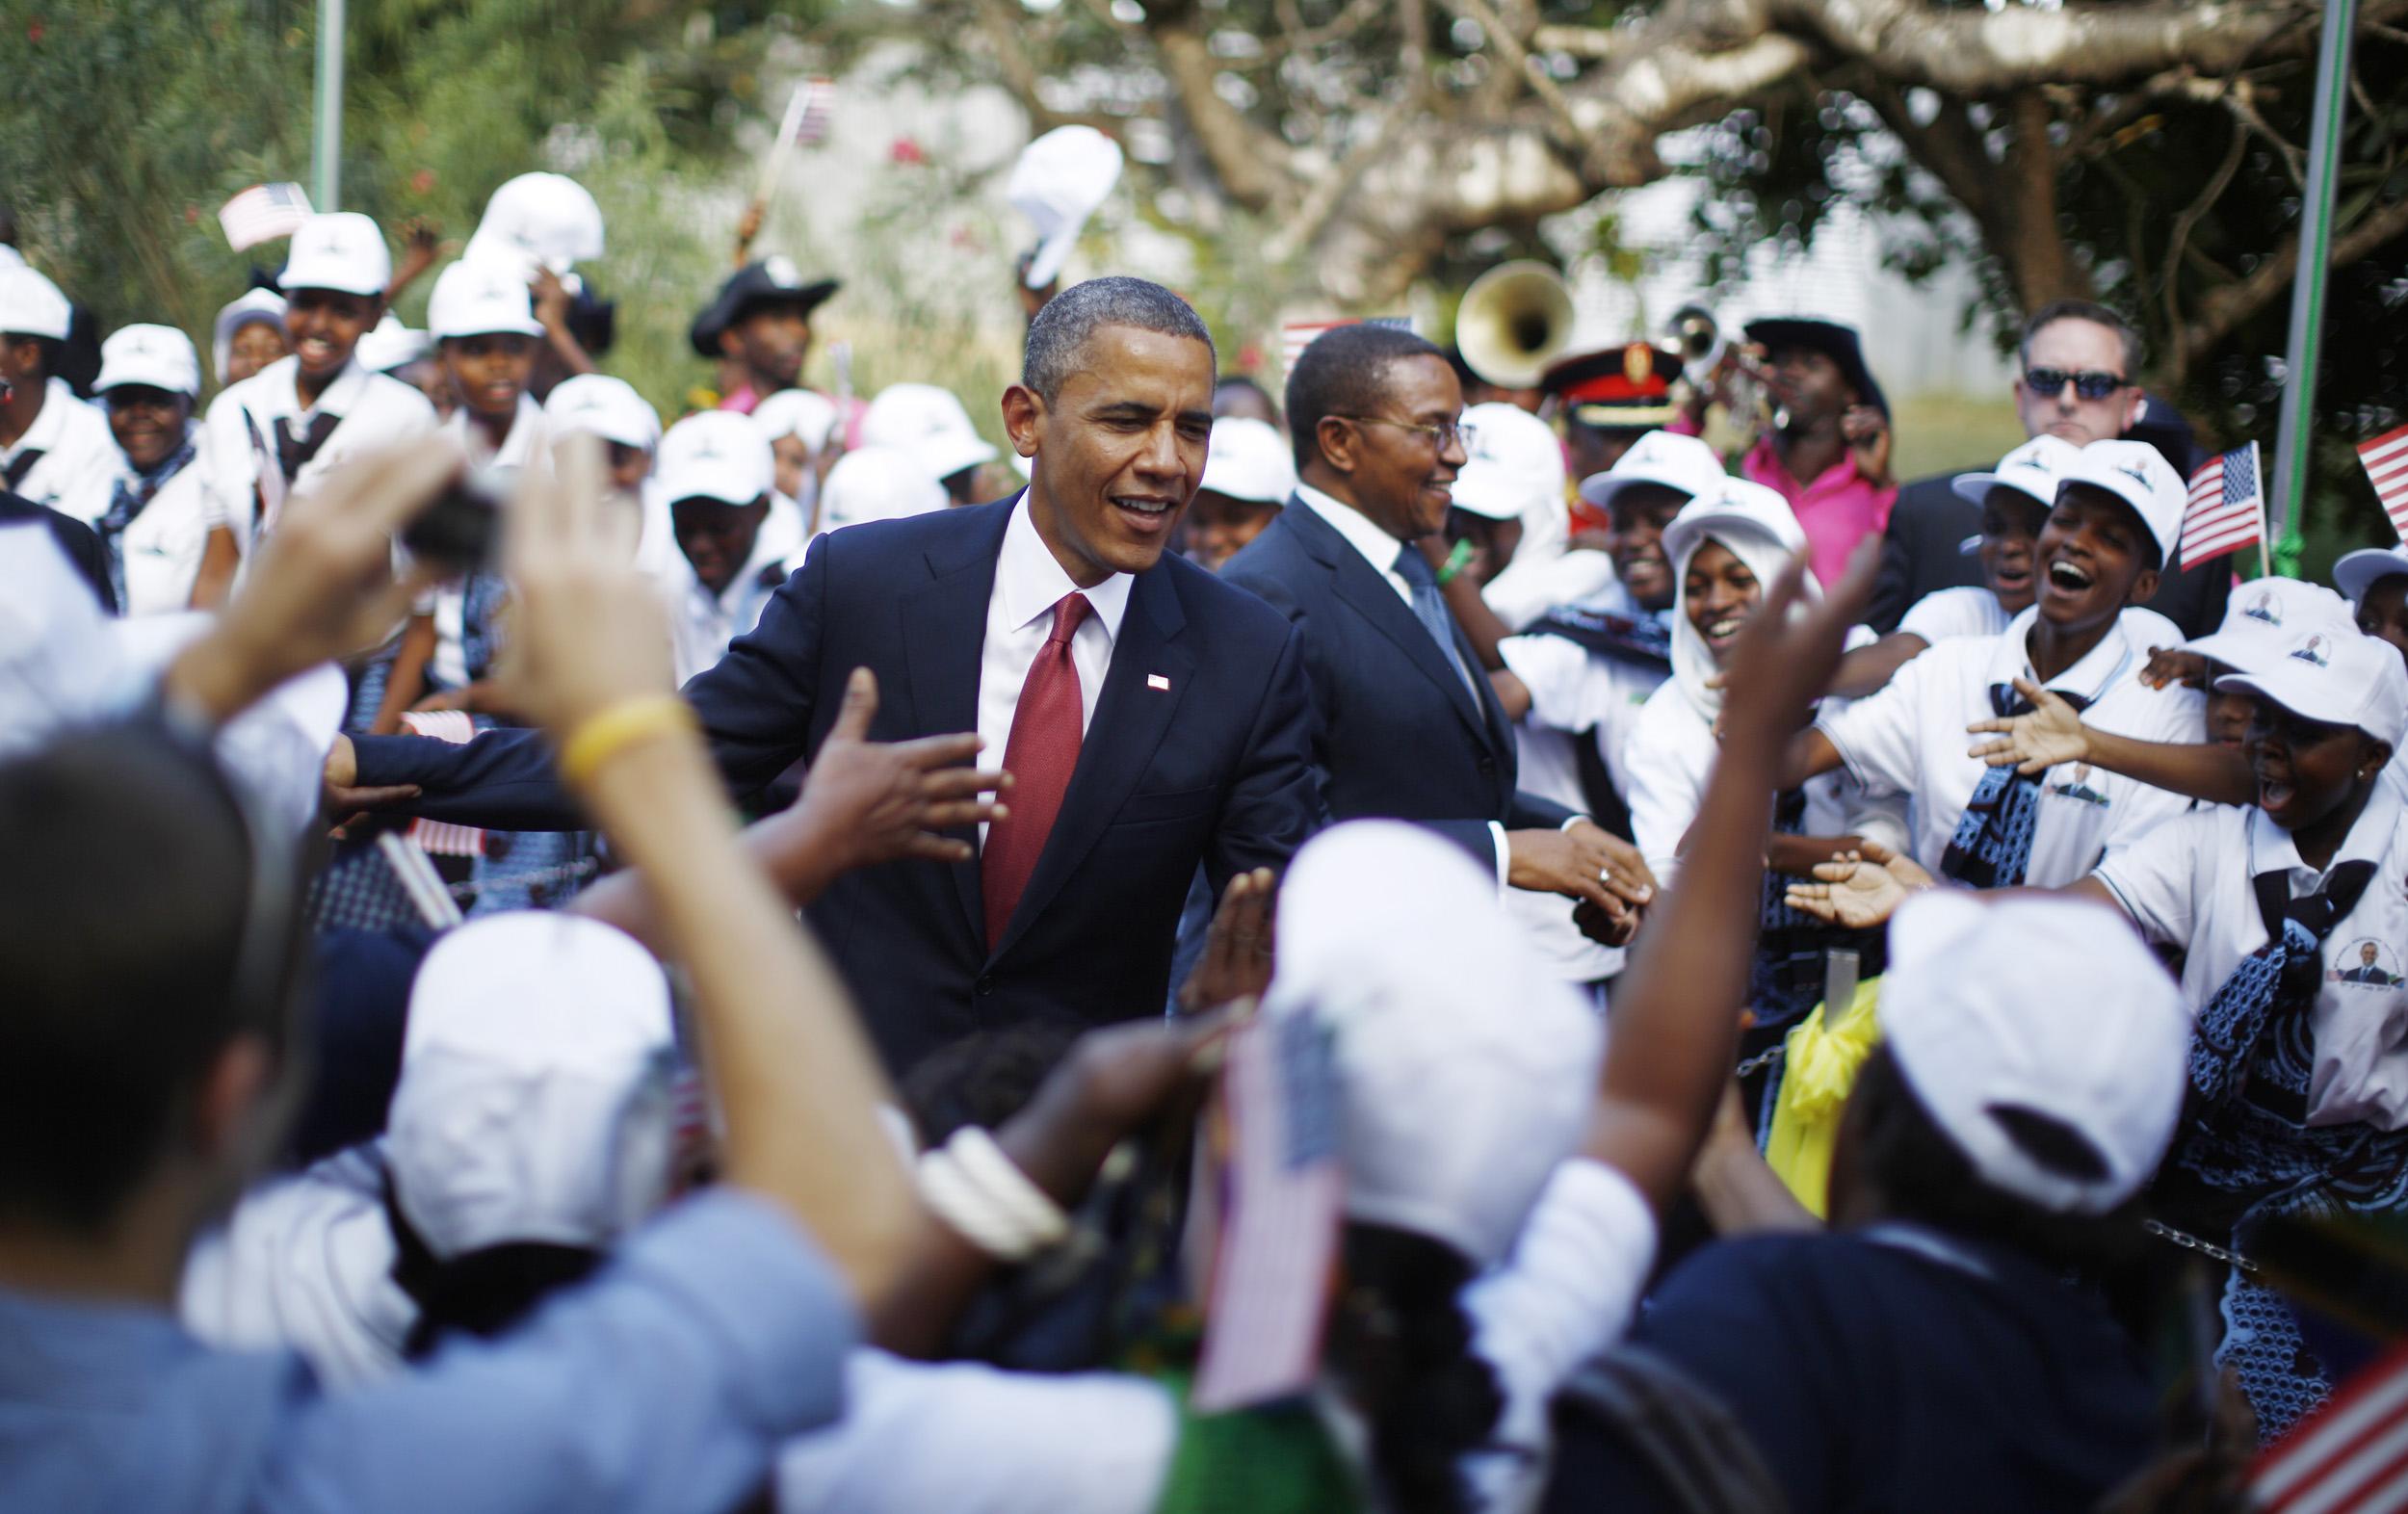 Γιατί δεν πήγε ο Ομπάμα στην Κένυα;